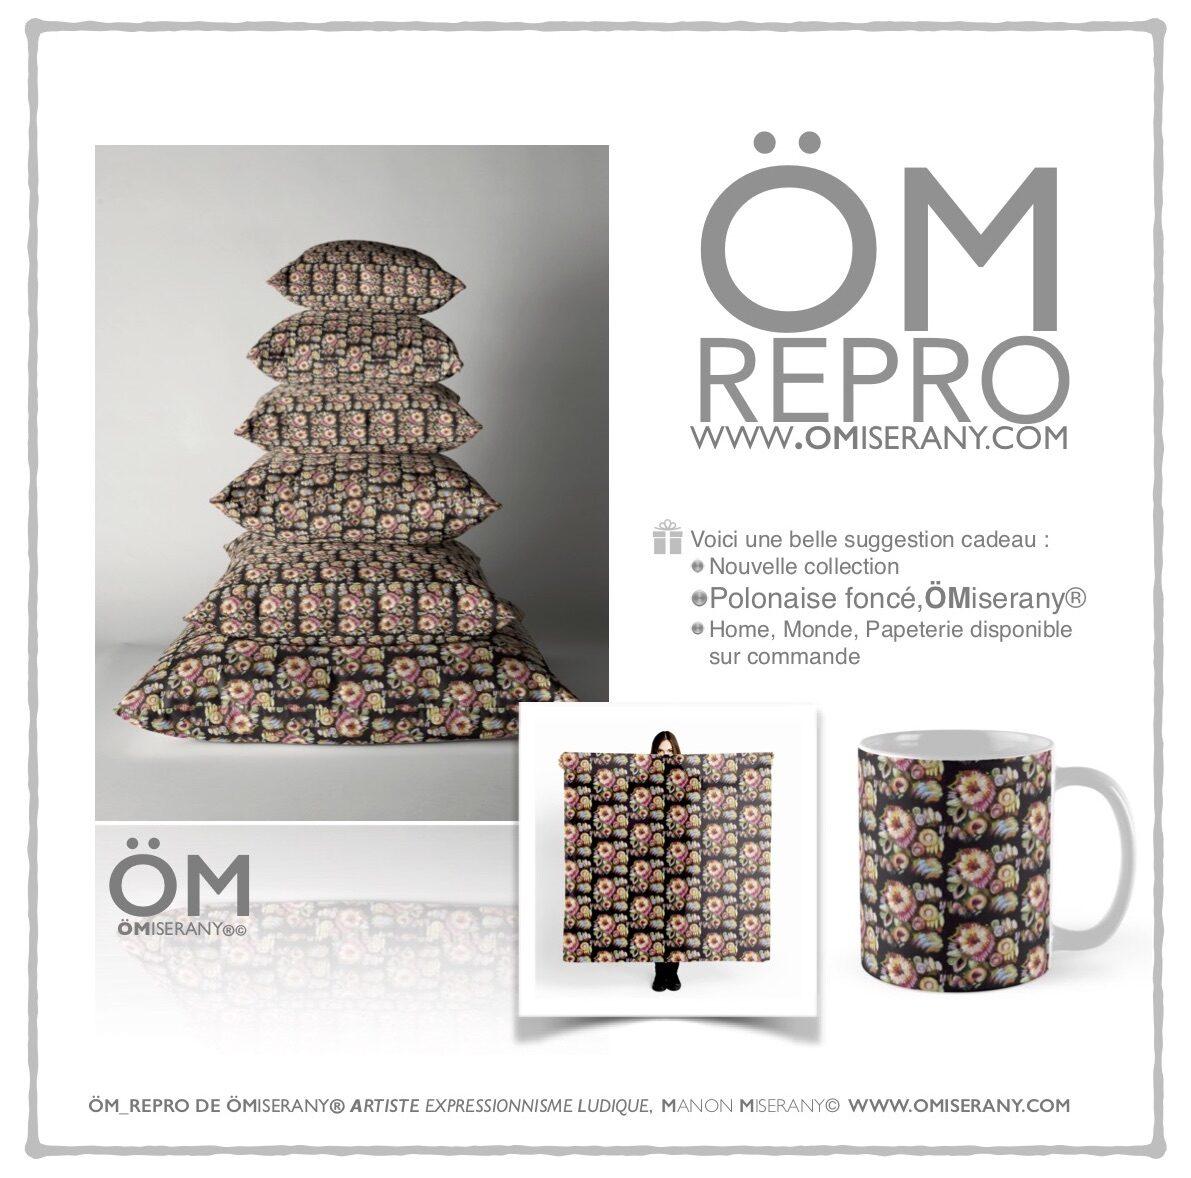 ÖM_REPRO #14-polonaise-foncée-ÖMiserany® 2018